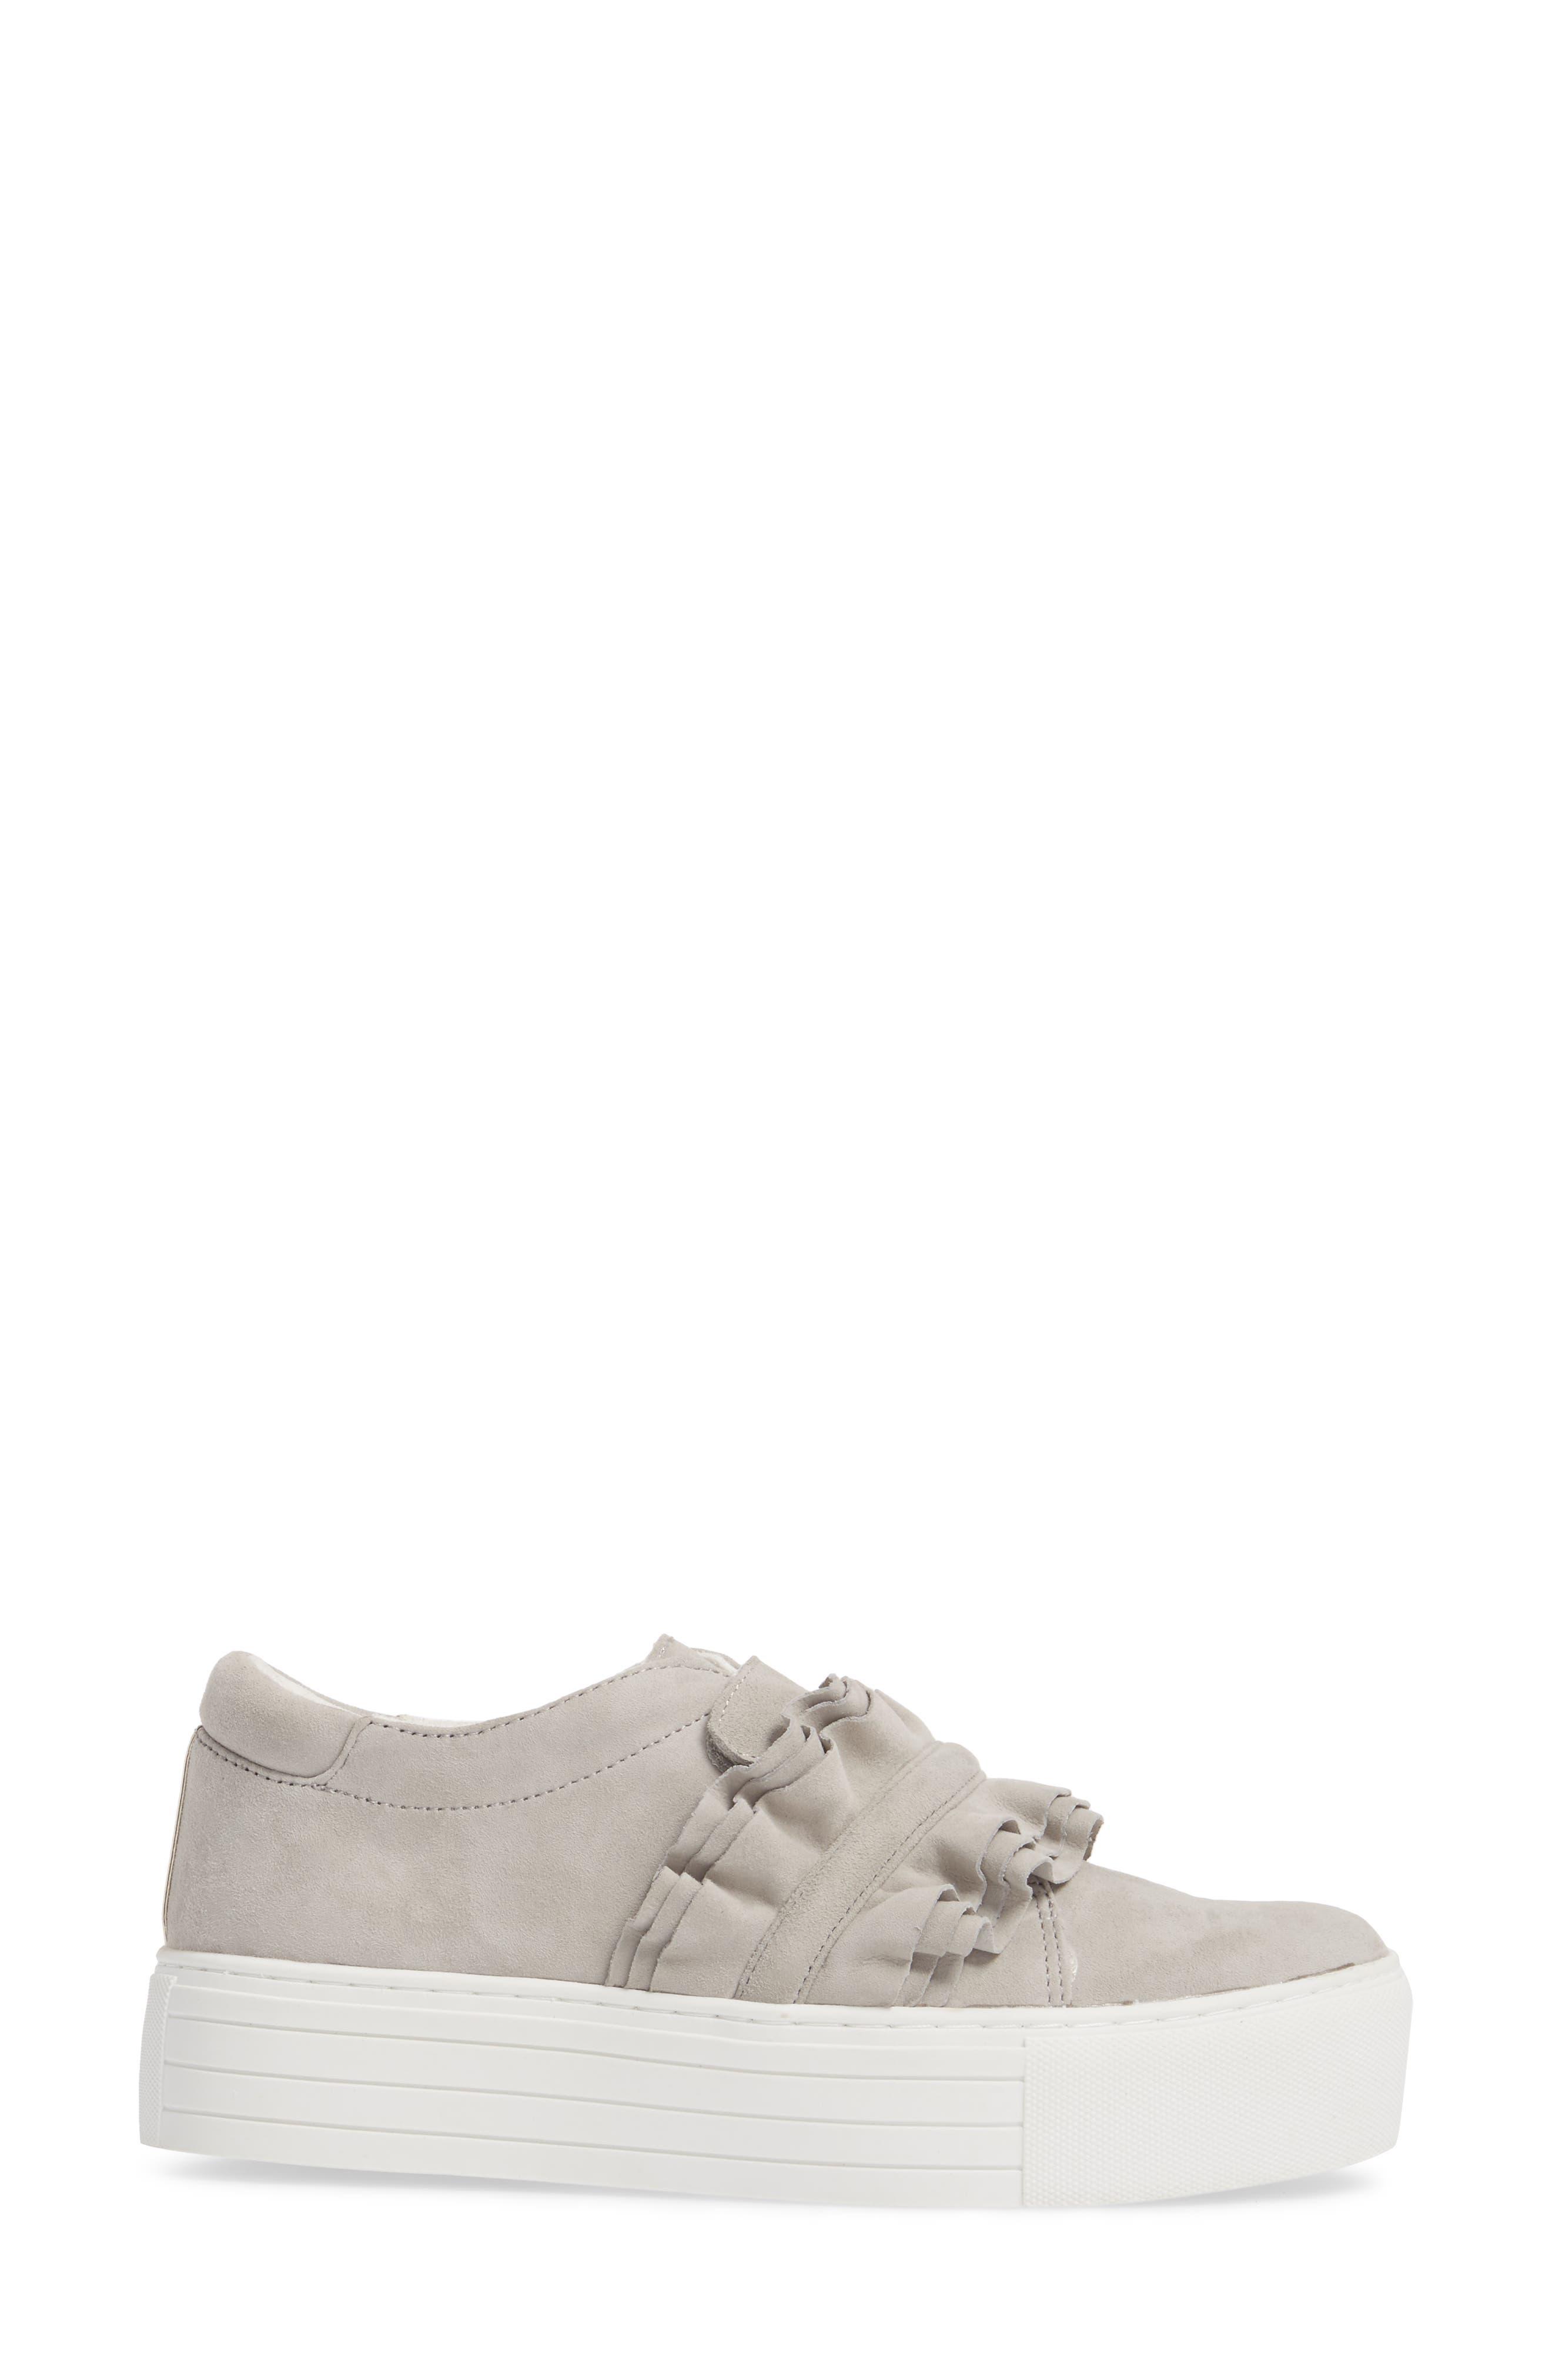 Ashlee Slip-On Sneaker,                             Alternate thumbnail 3, color,                             021